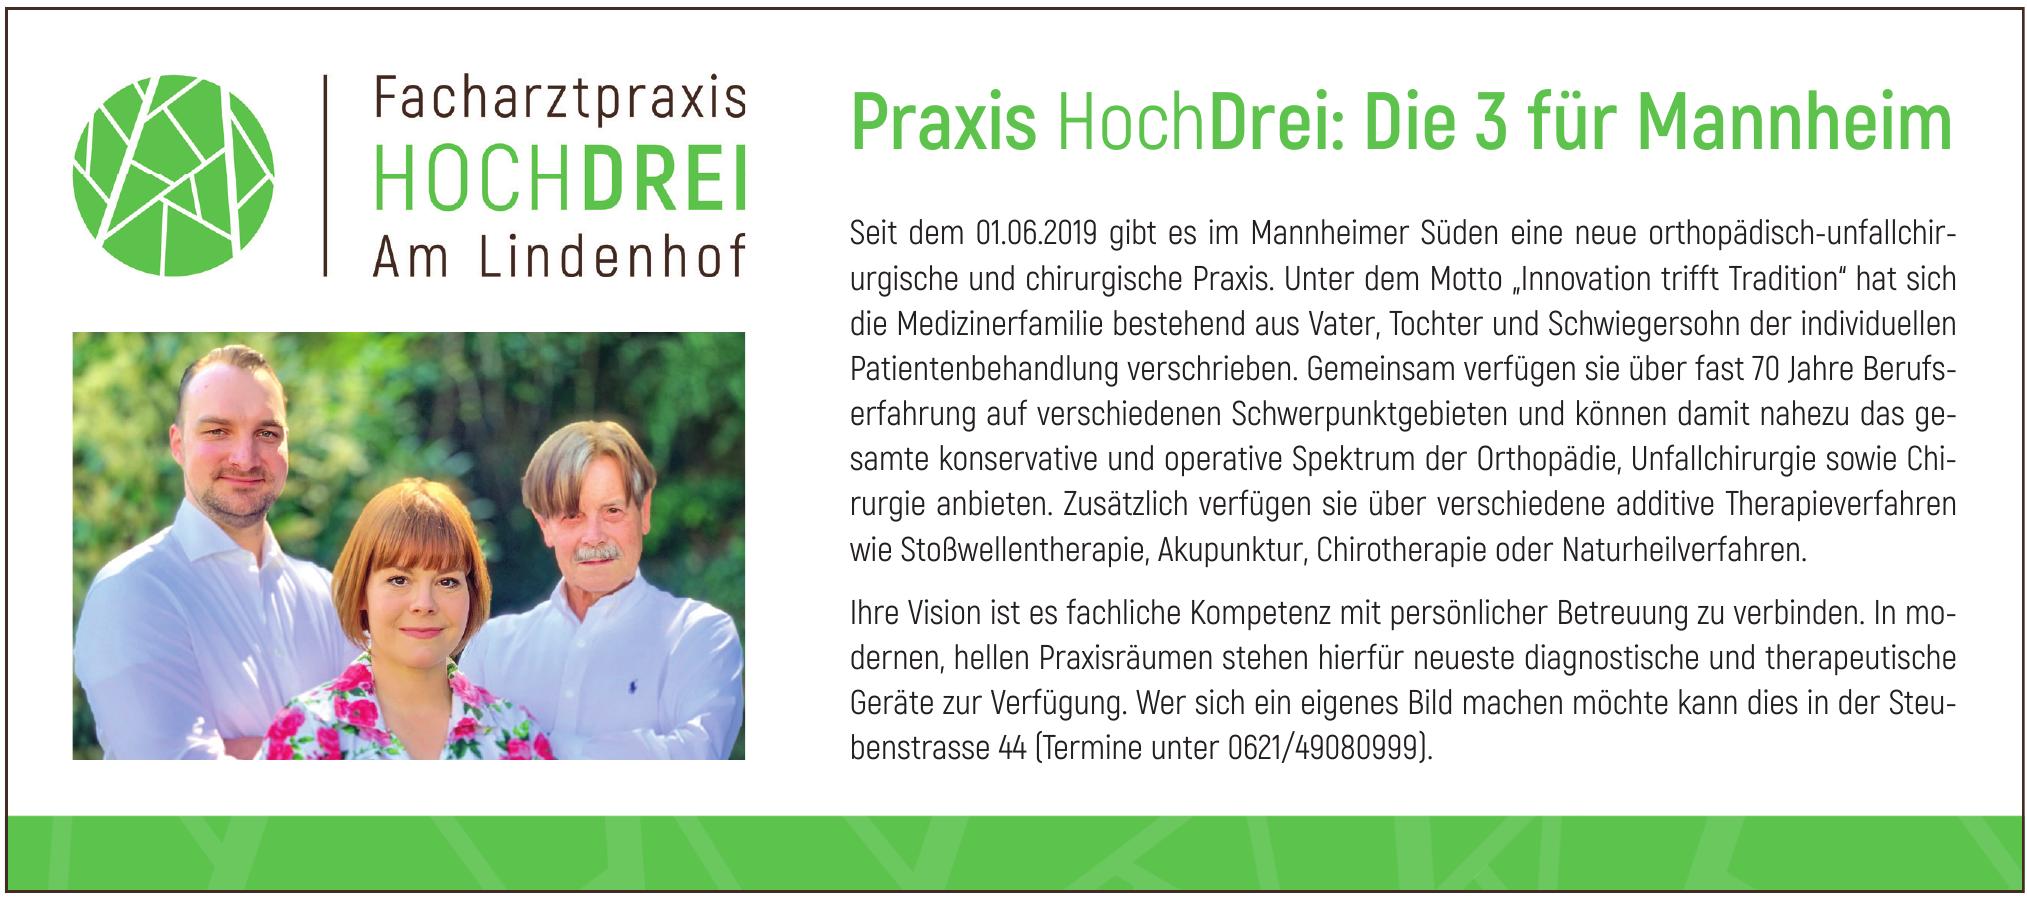 Facharztpraxis Hochdrei Am Lindenhof